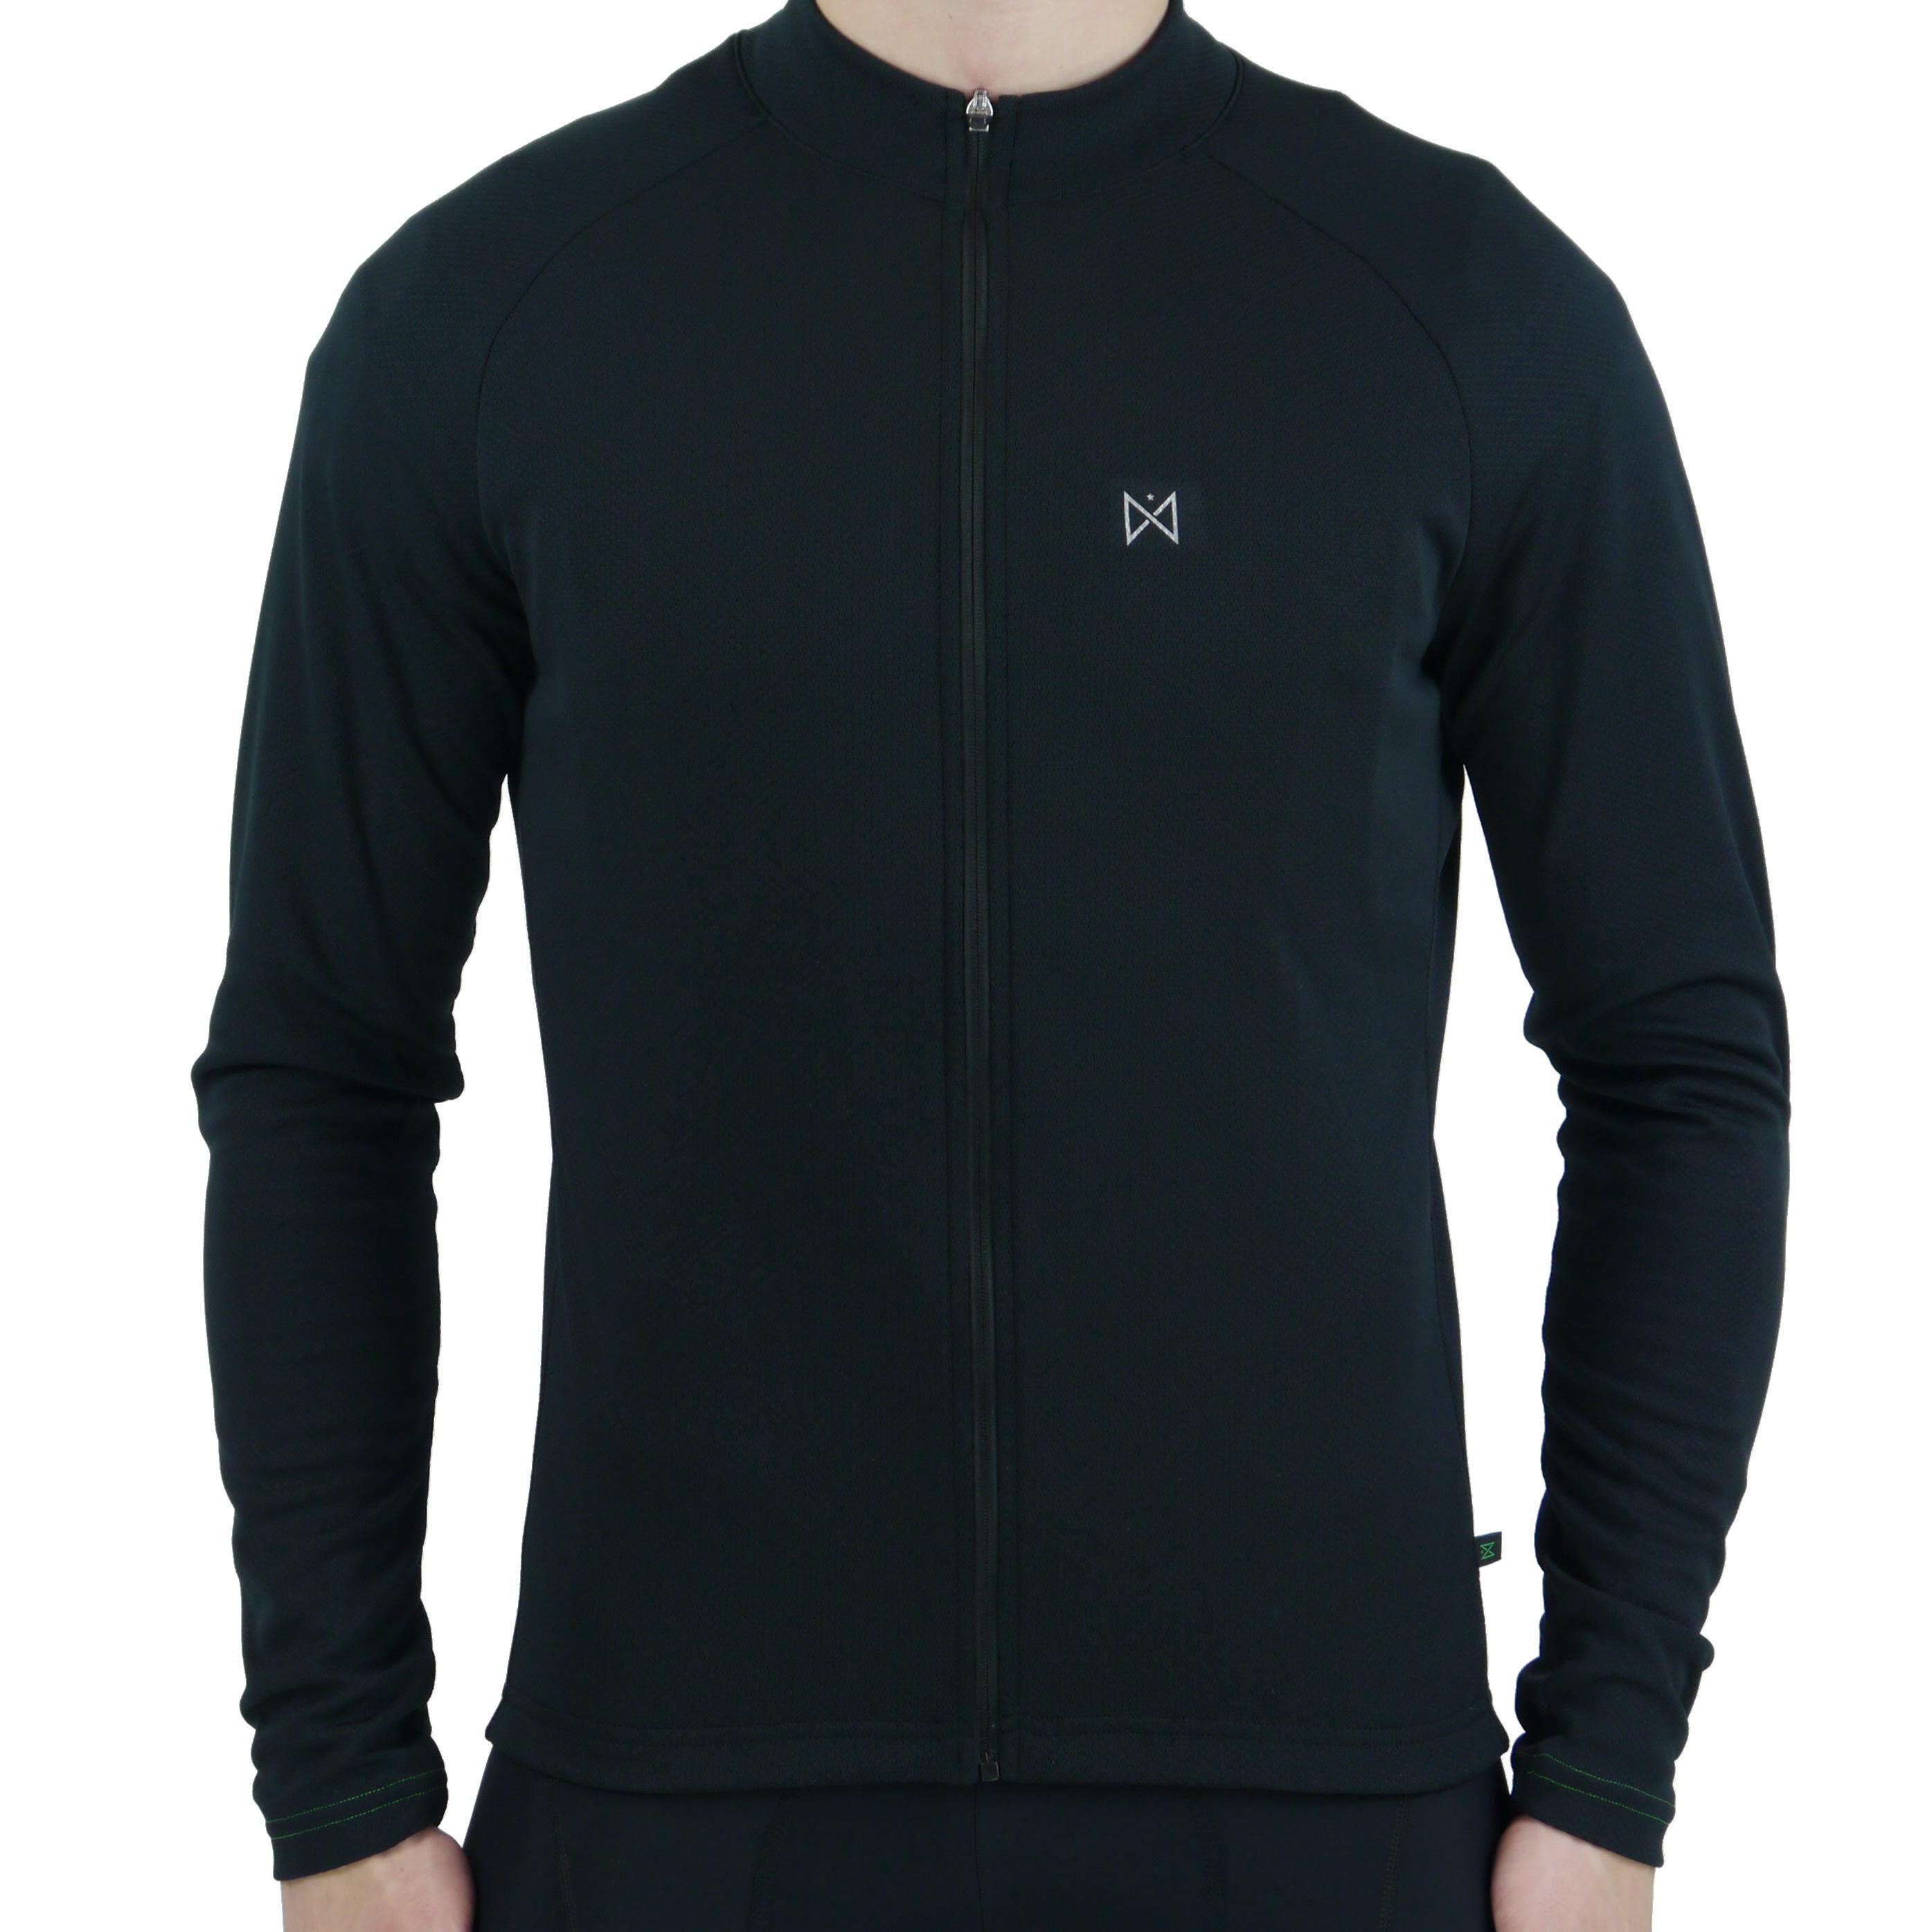 d75918cef Merlin Wear Core Long Sleeve Cycling Jersey